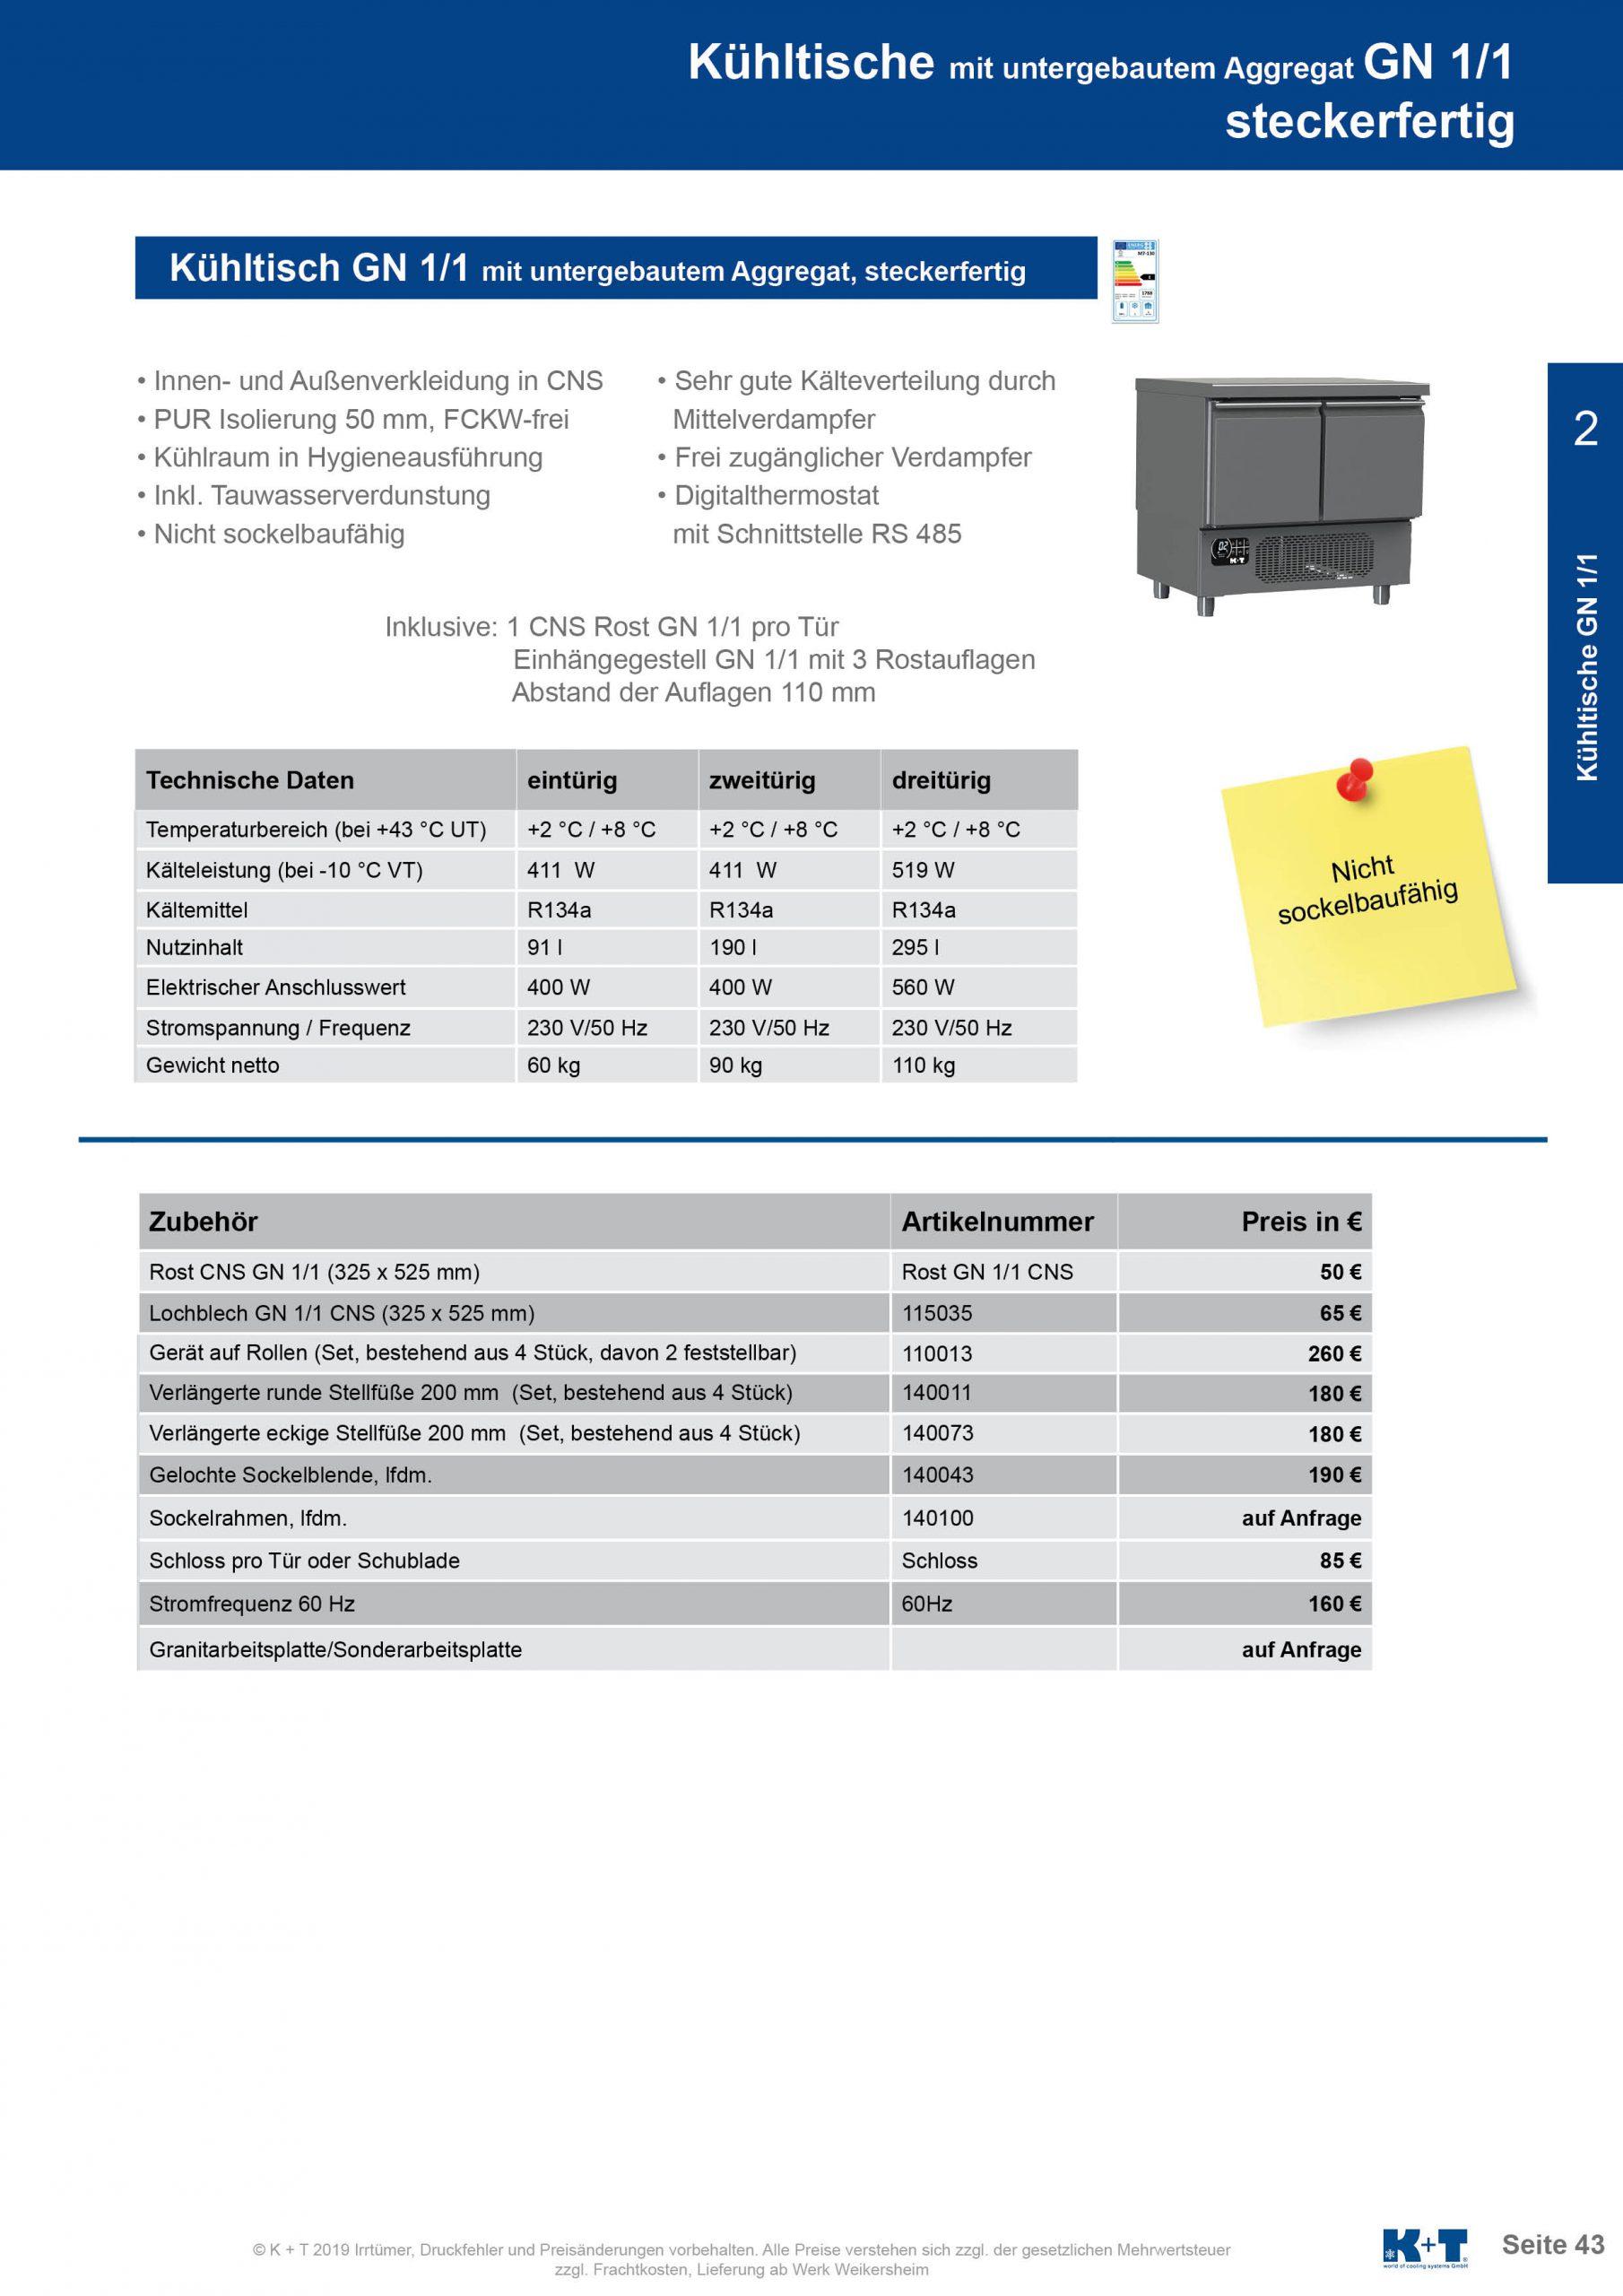 Kühltisch mit untergebautem Aggregat steckerfertig 2